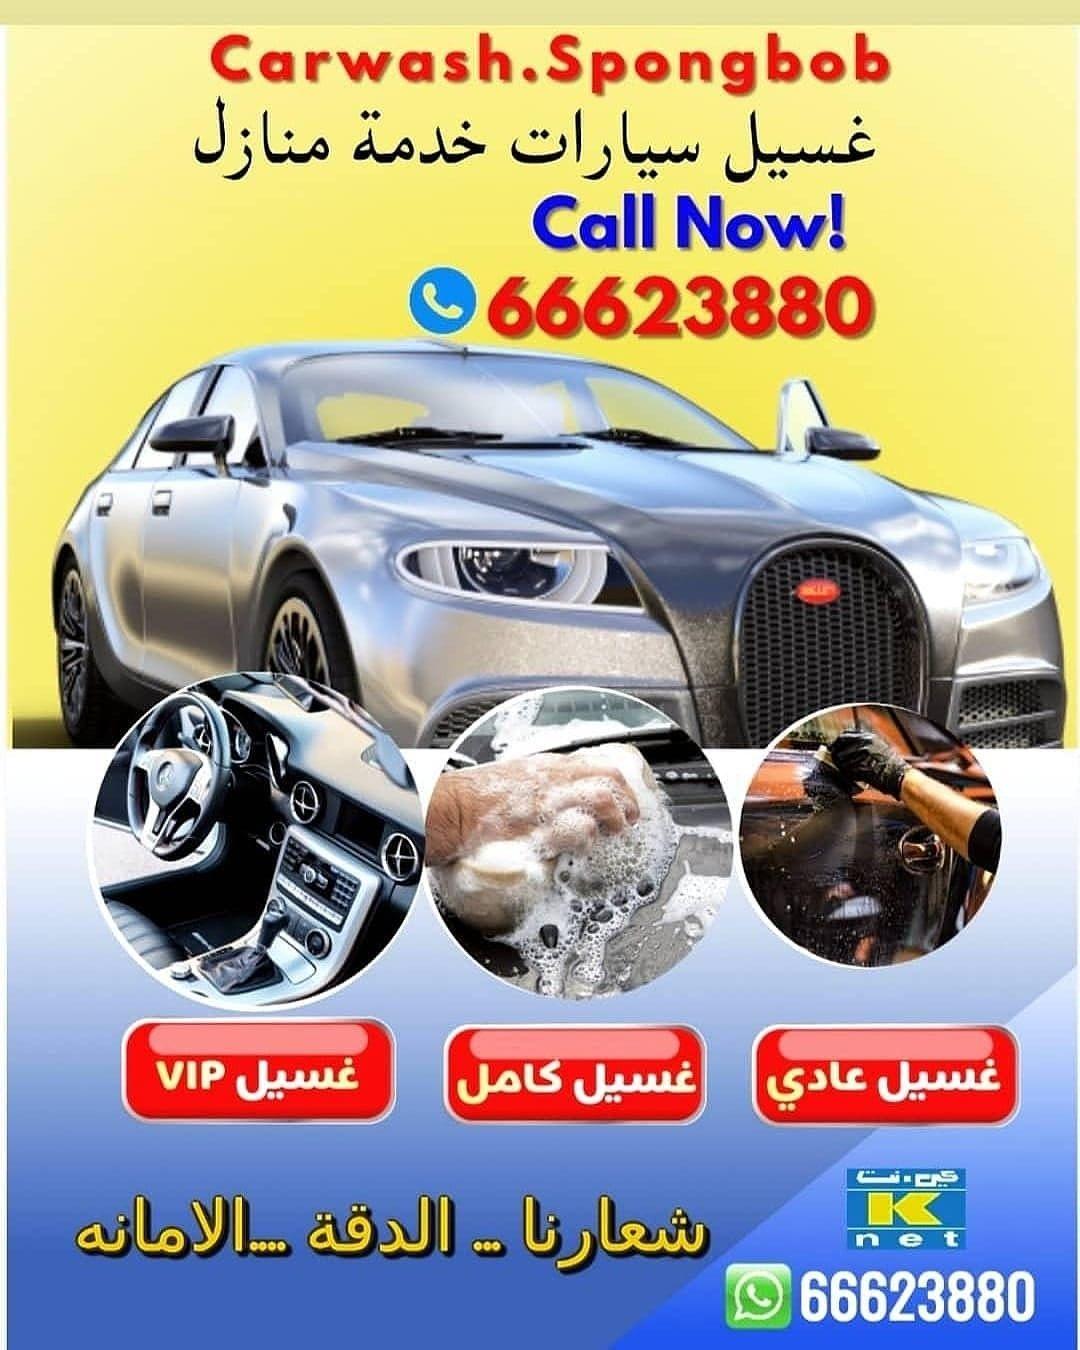 غسيل سيارات Car Wash Toy Car Car